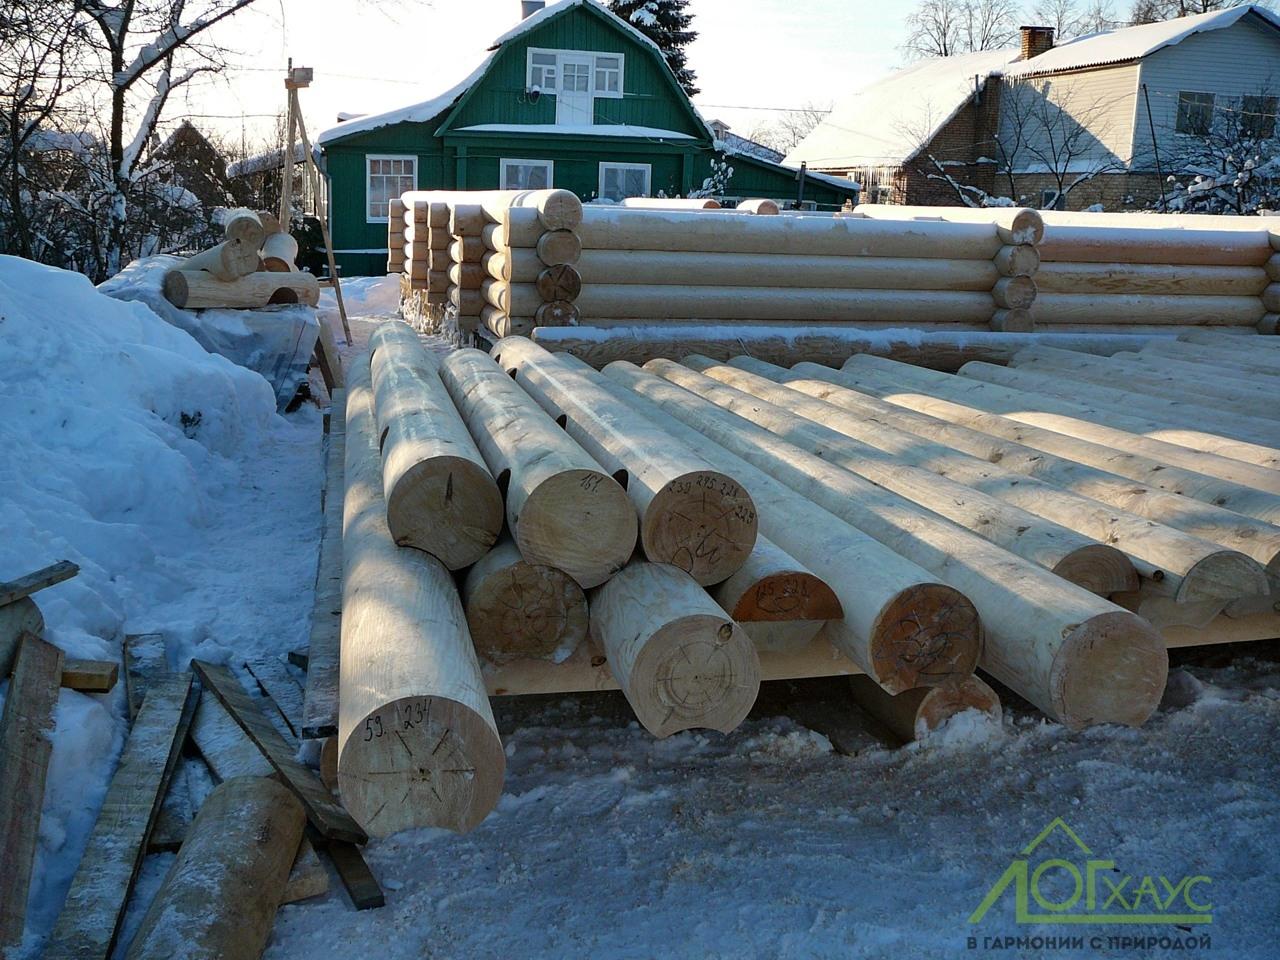 Сборка сруба дома из зимних бревен